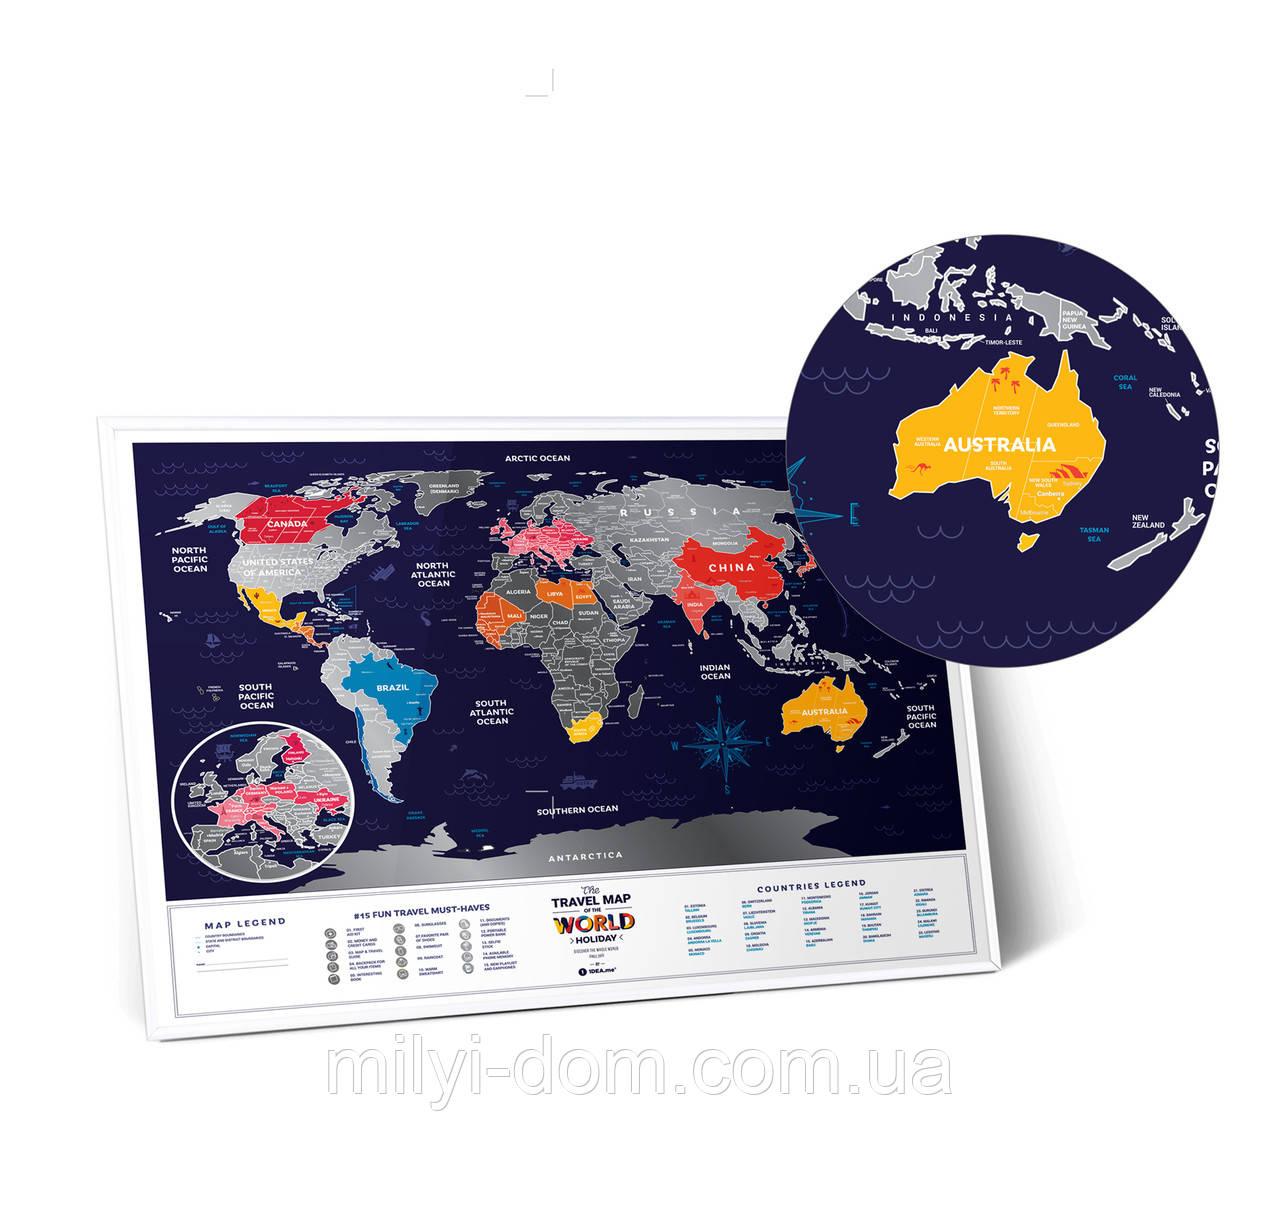 Скретч карта мира Travel Map «Holiday»  (на английском языке)